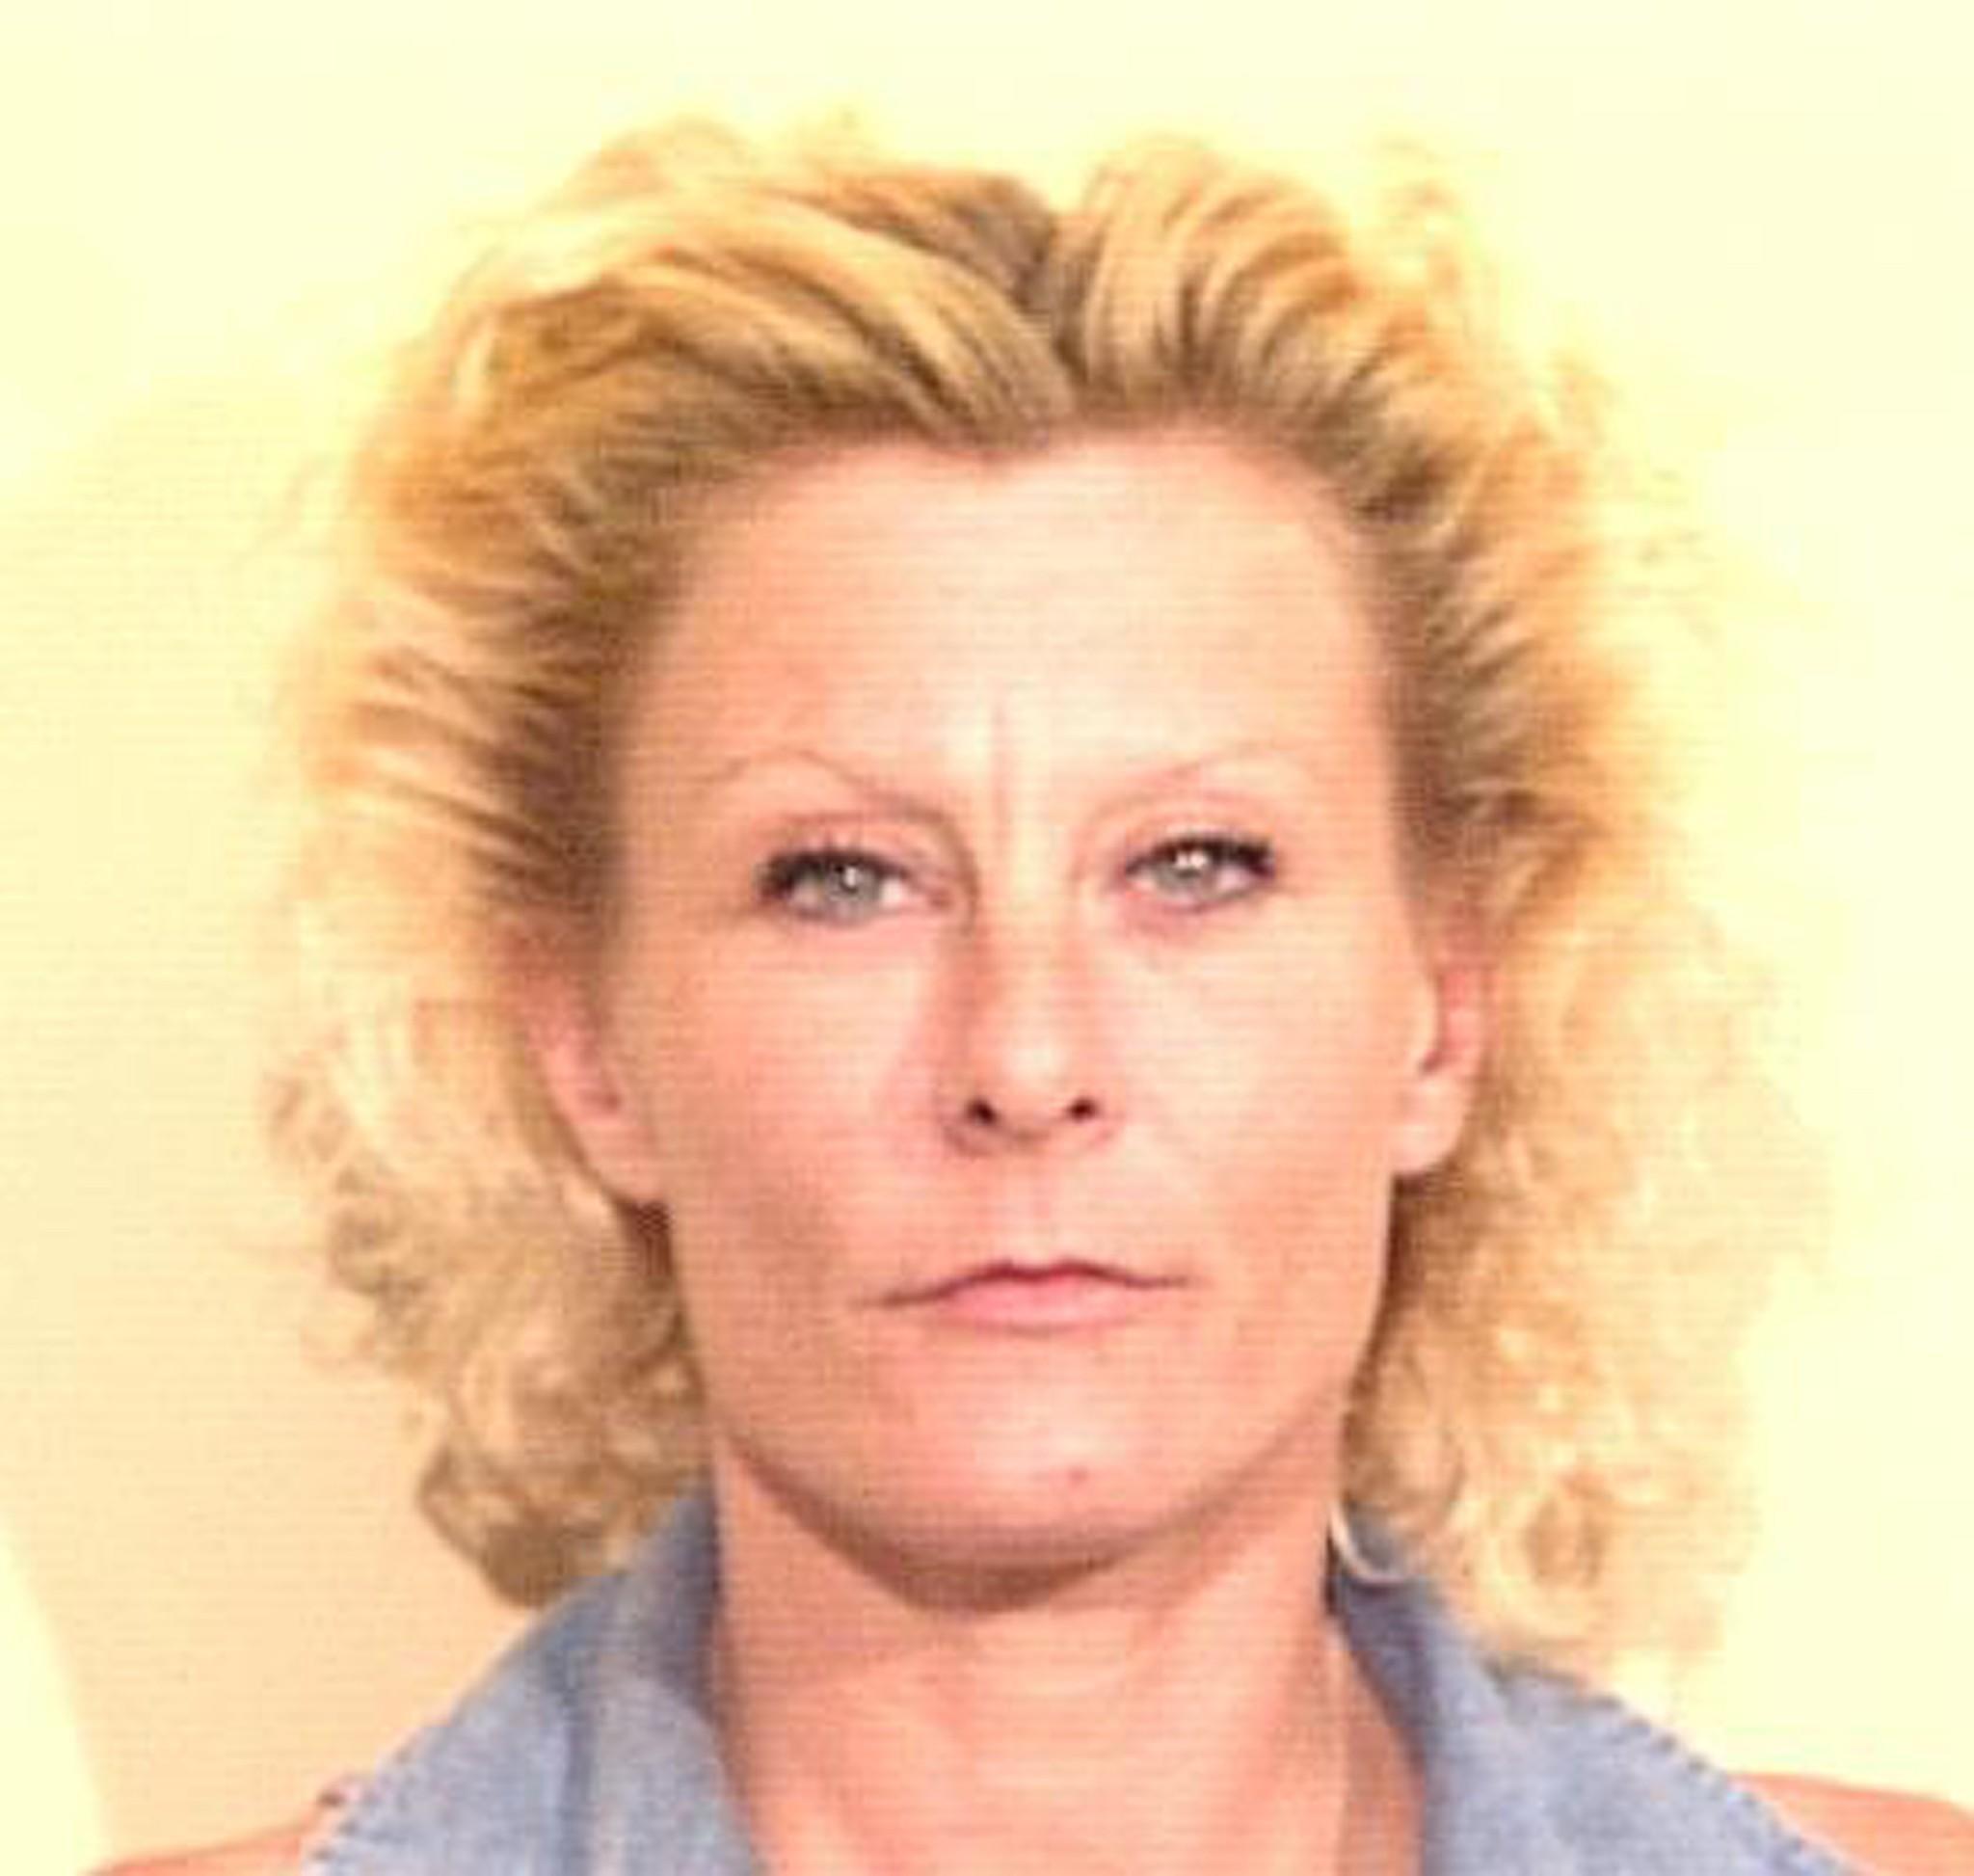 """Colleen LaRose, une femme de Pennsylvanie qui s'est appelée """"Jihad Jane"""", a été condamnée à 10 ans de prison pour complot terroriste."""